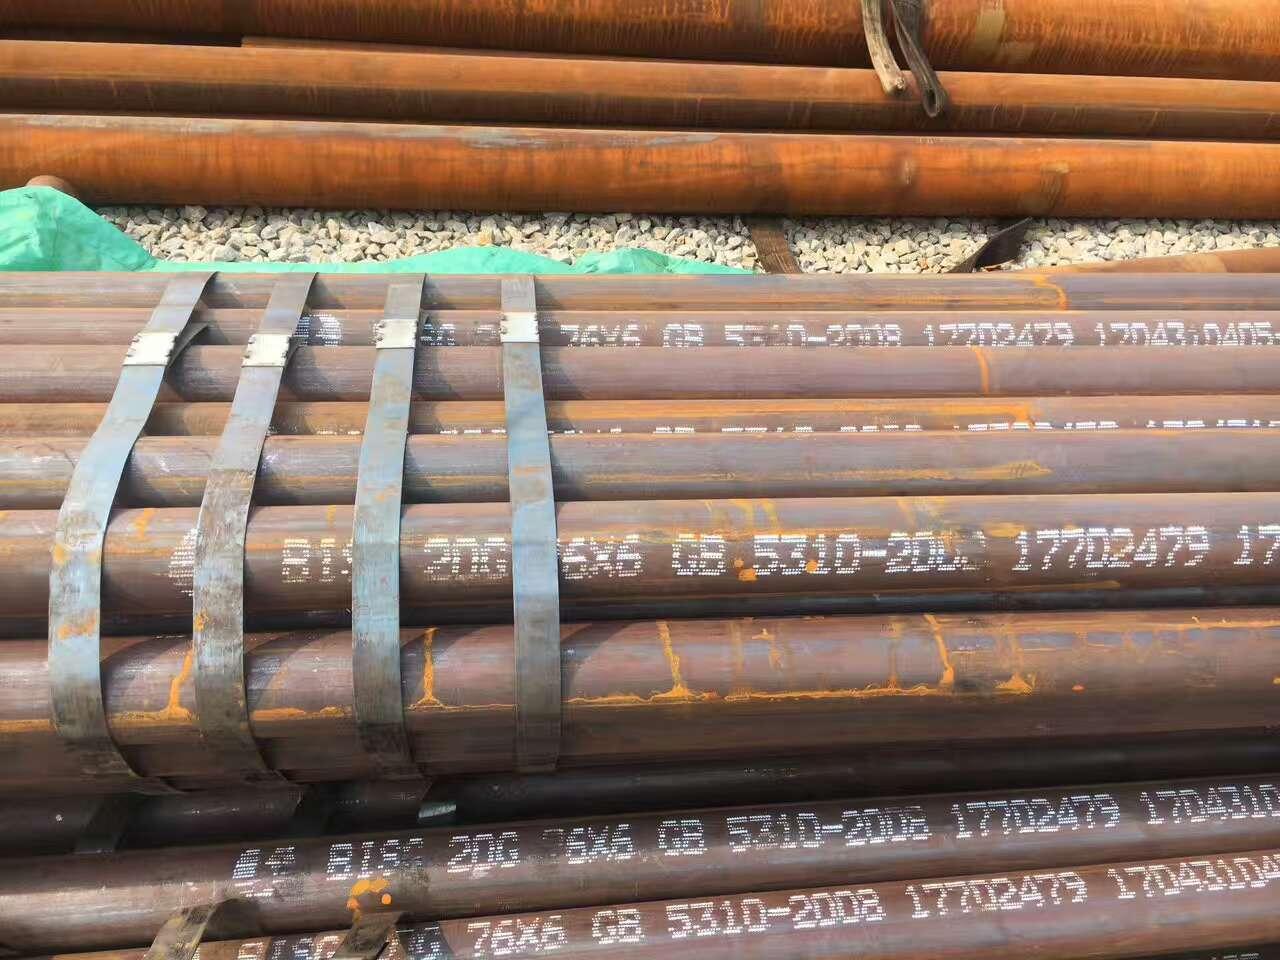 薄壁合金管供货商 薄壁合金管厂家